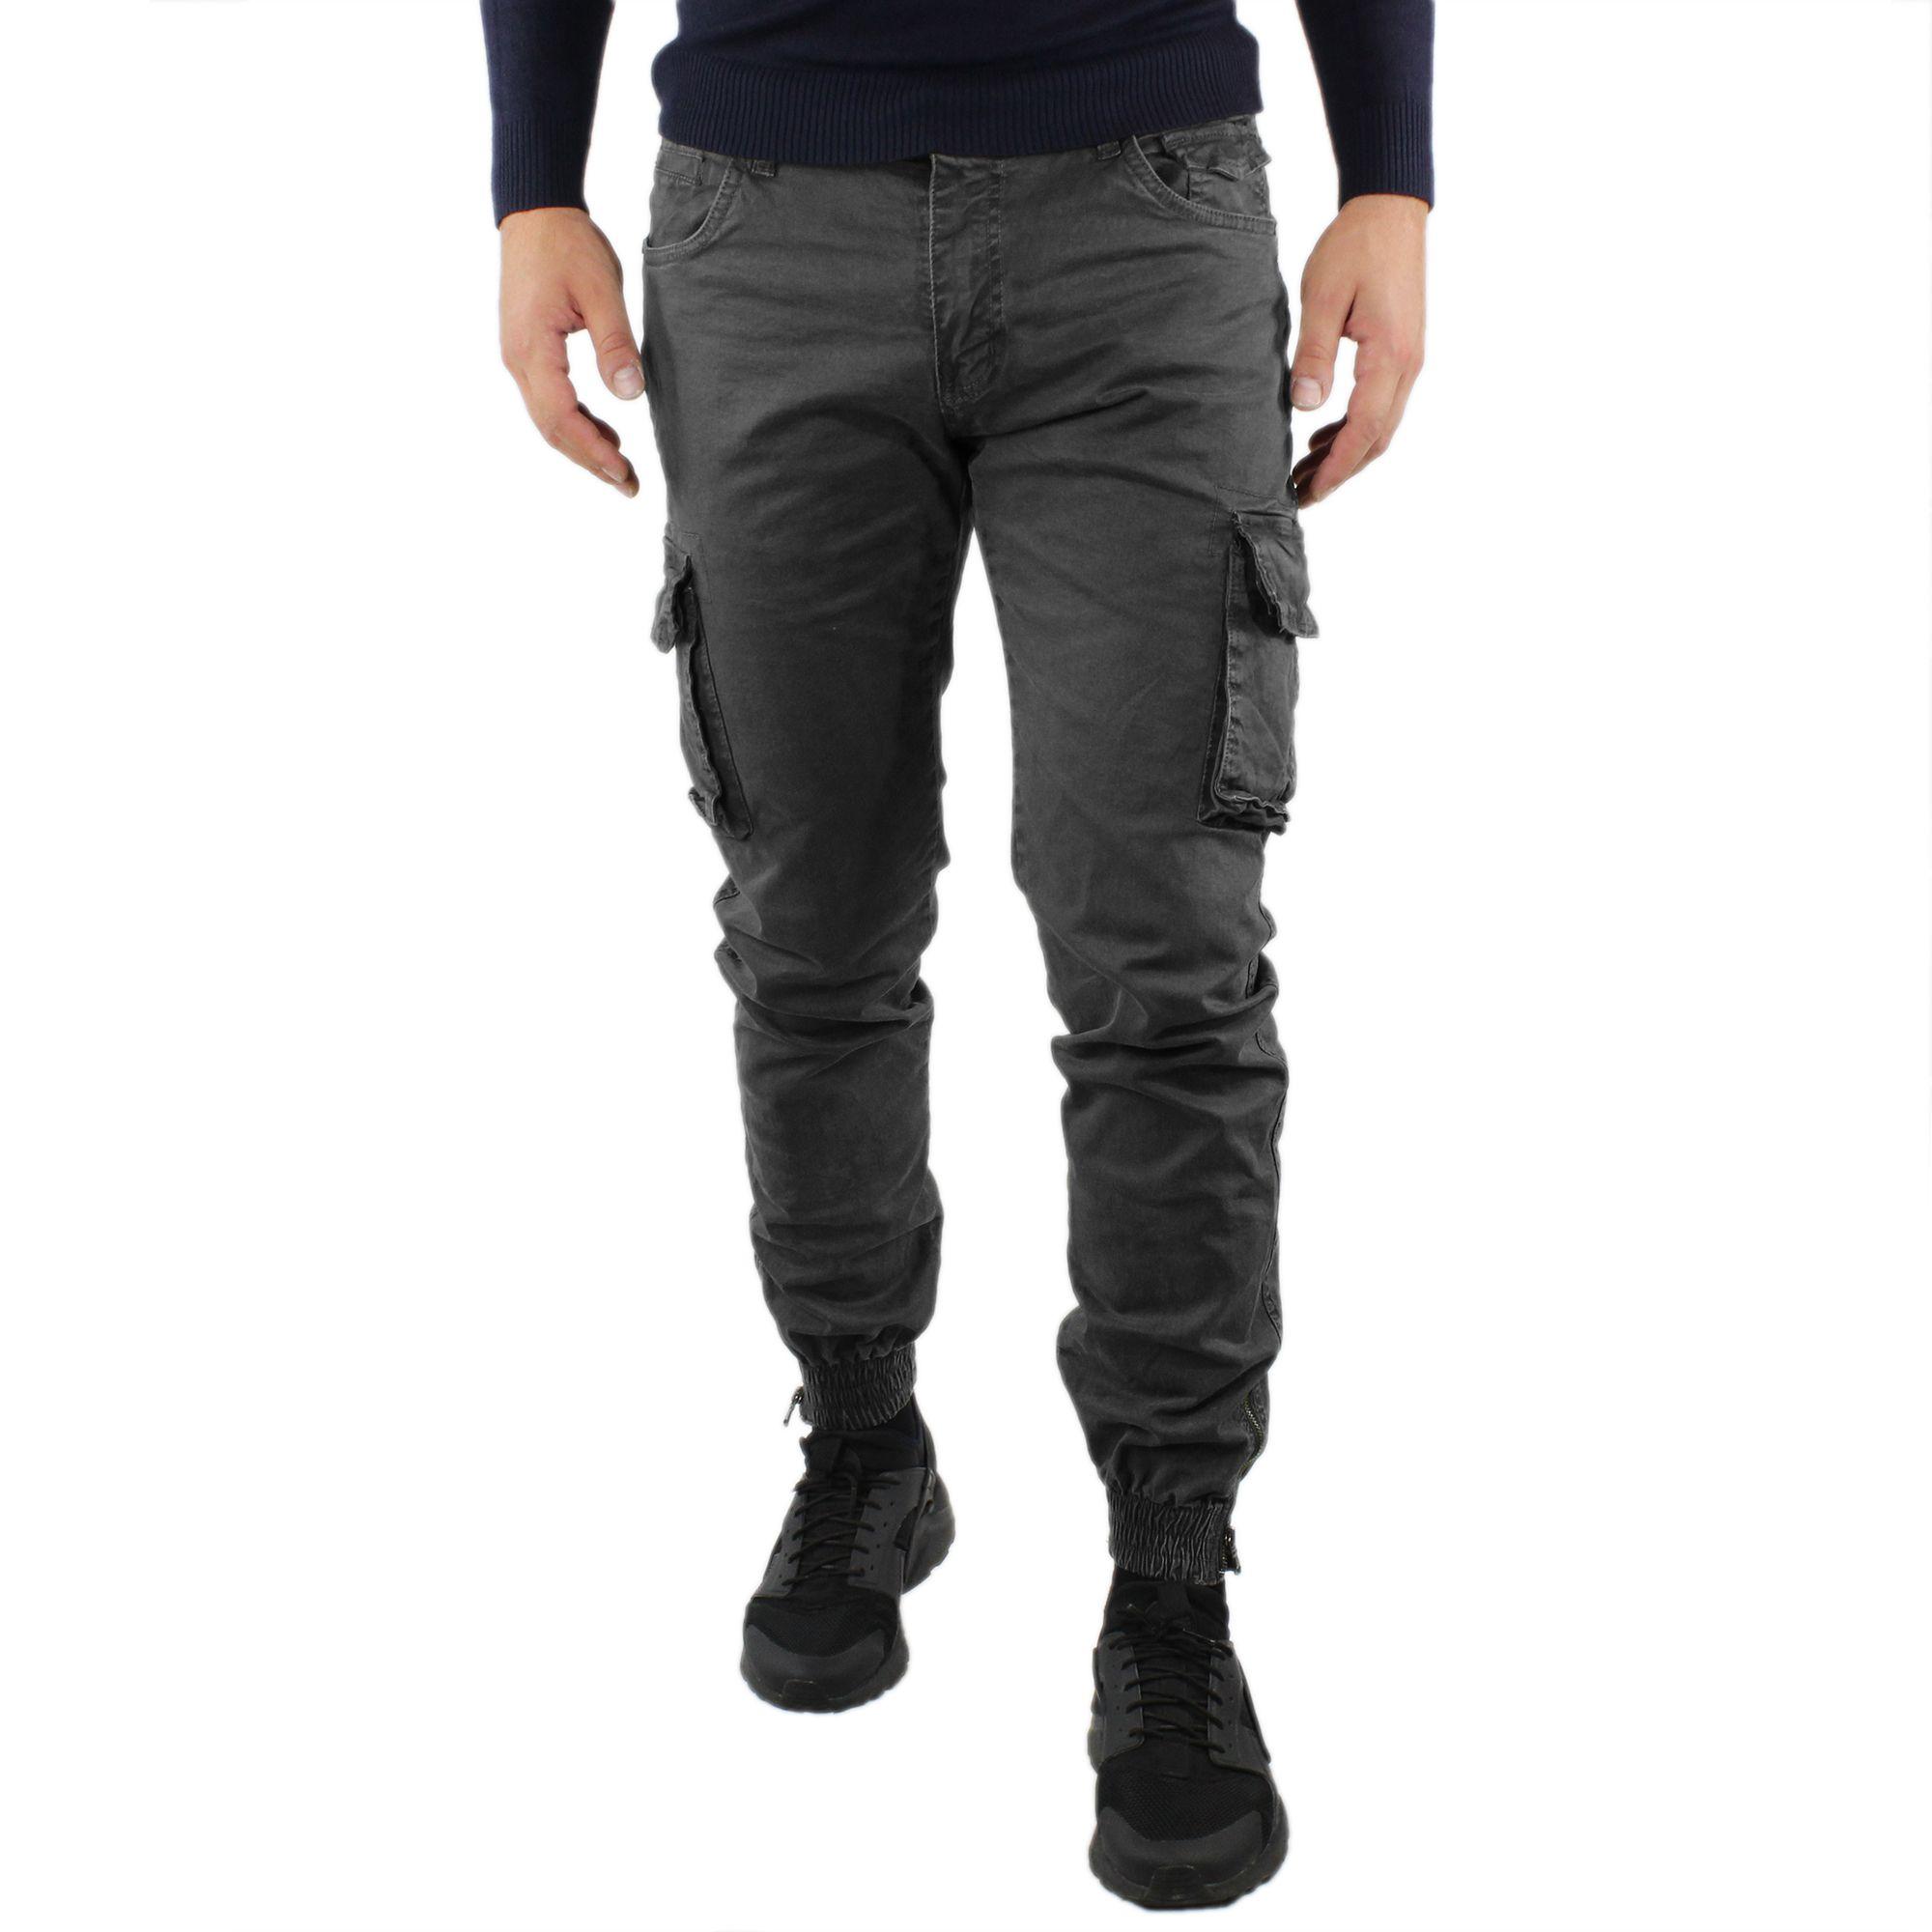 Pantaloni-Cargo-Uomo-Invernale-Tasche-Laterali-Cotone-Slim-Fit-Tasconi-Casual miniatura 3